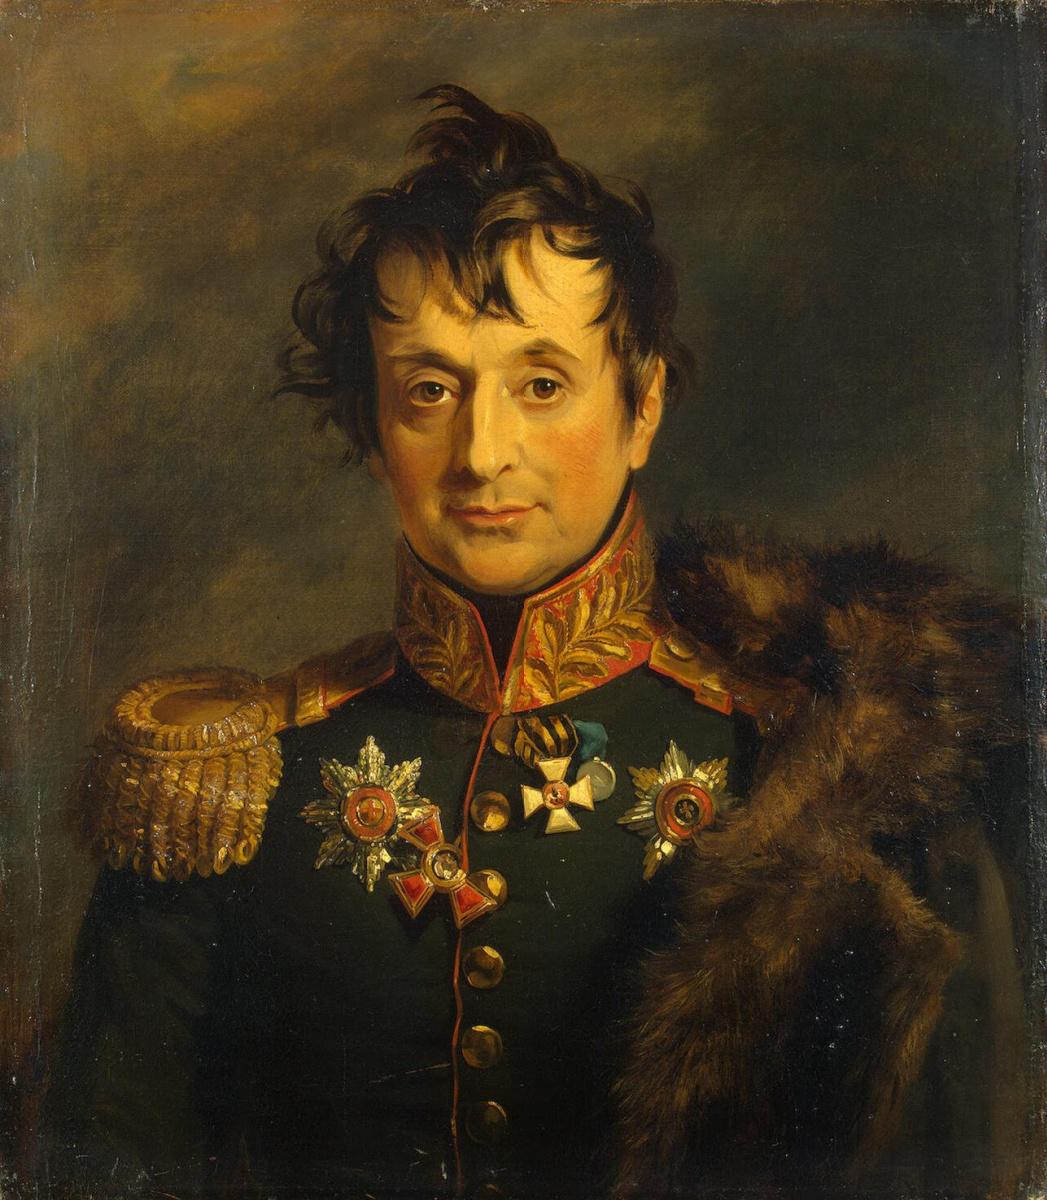 Джордж Доу. Портрет Александра Яковлевича Княжнина